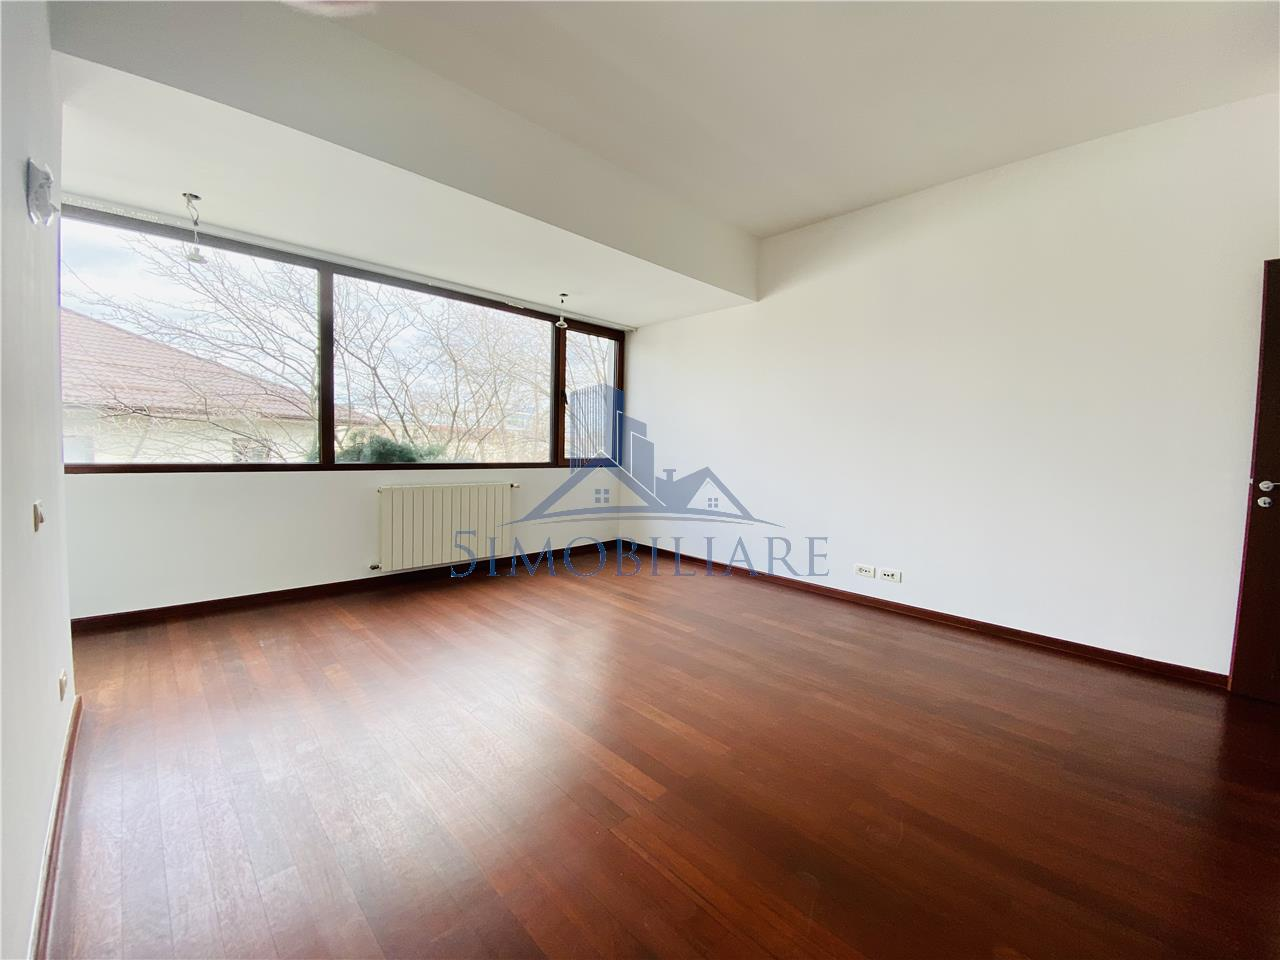 Premium location / Apartment 4 rooms for rent